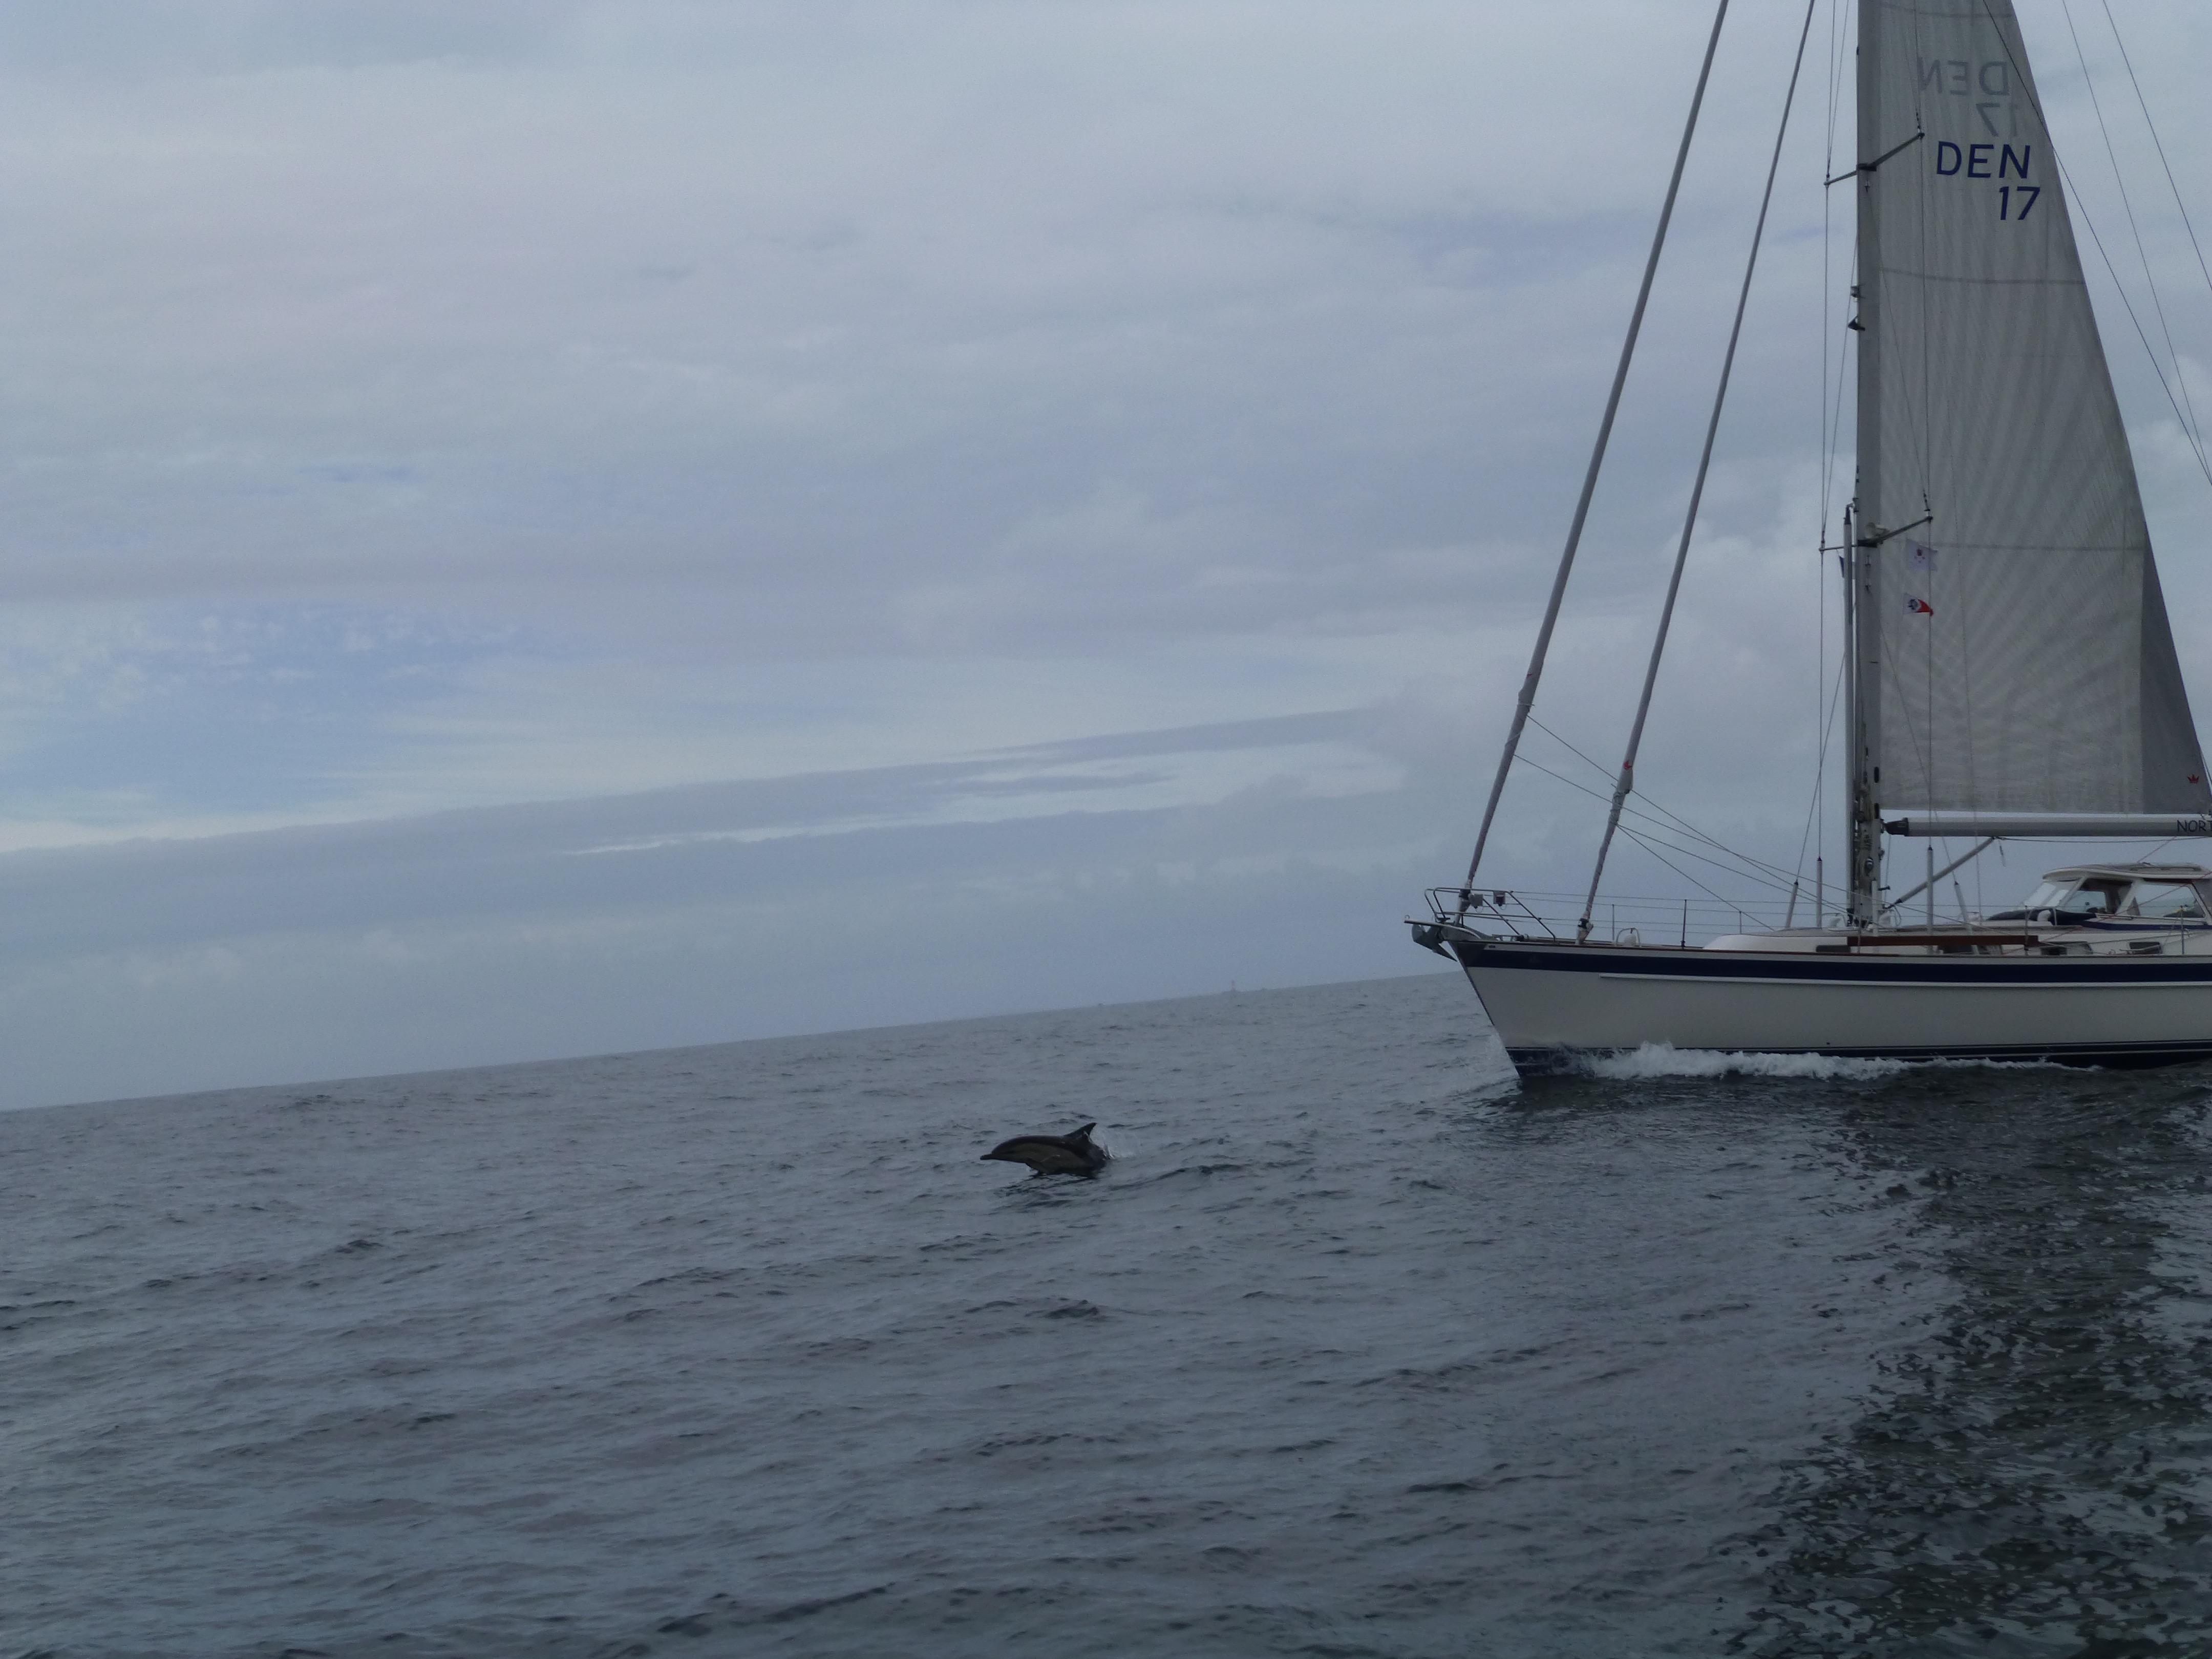 Delfin der springer foran North Star